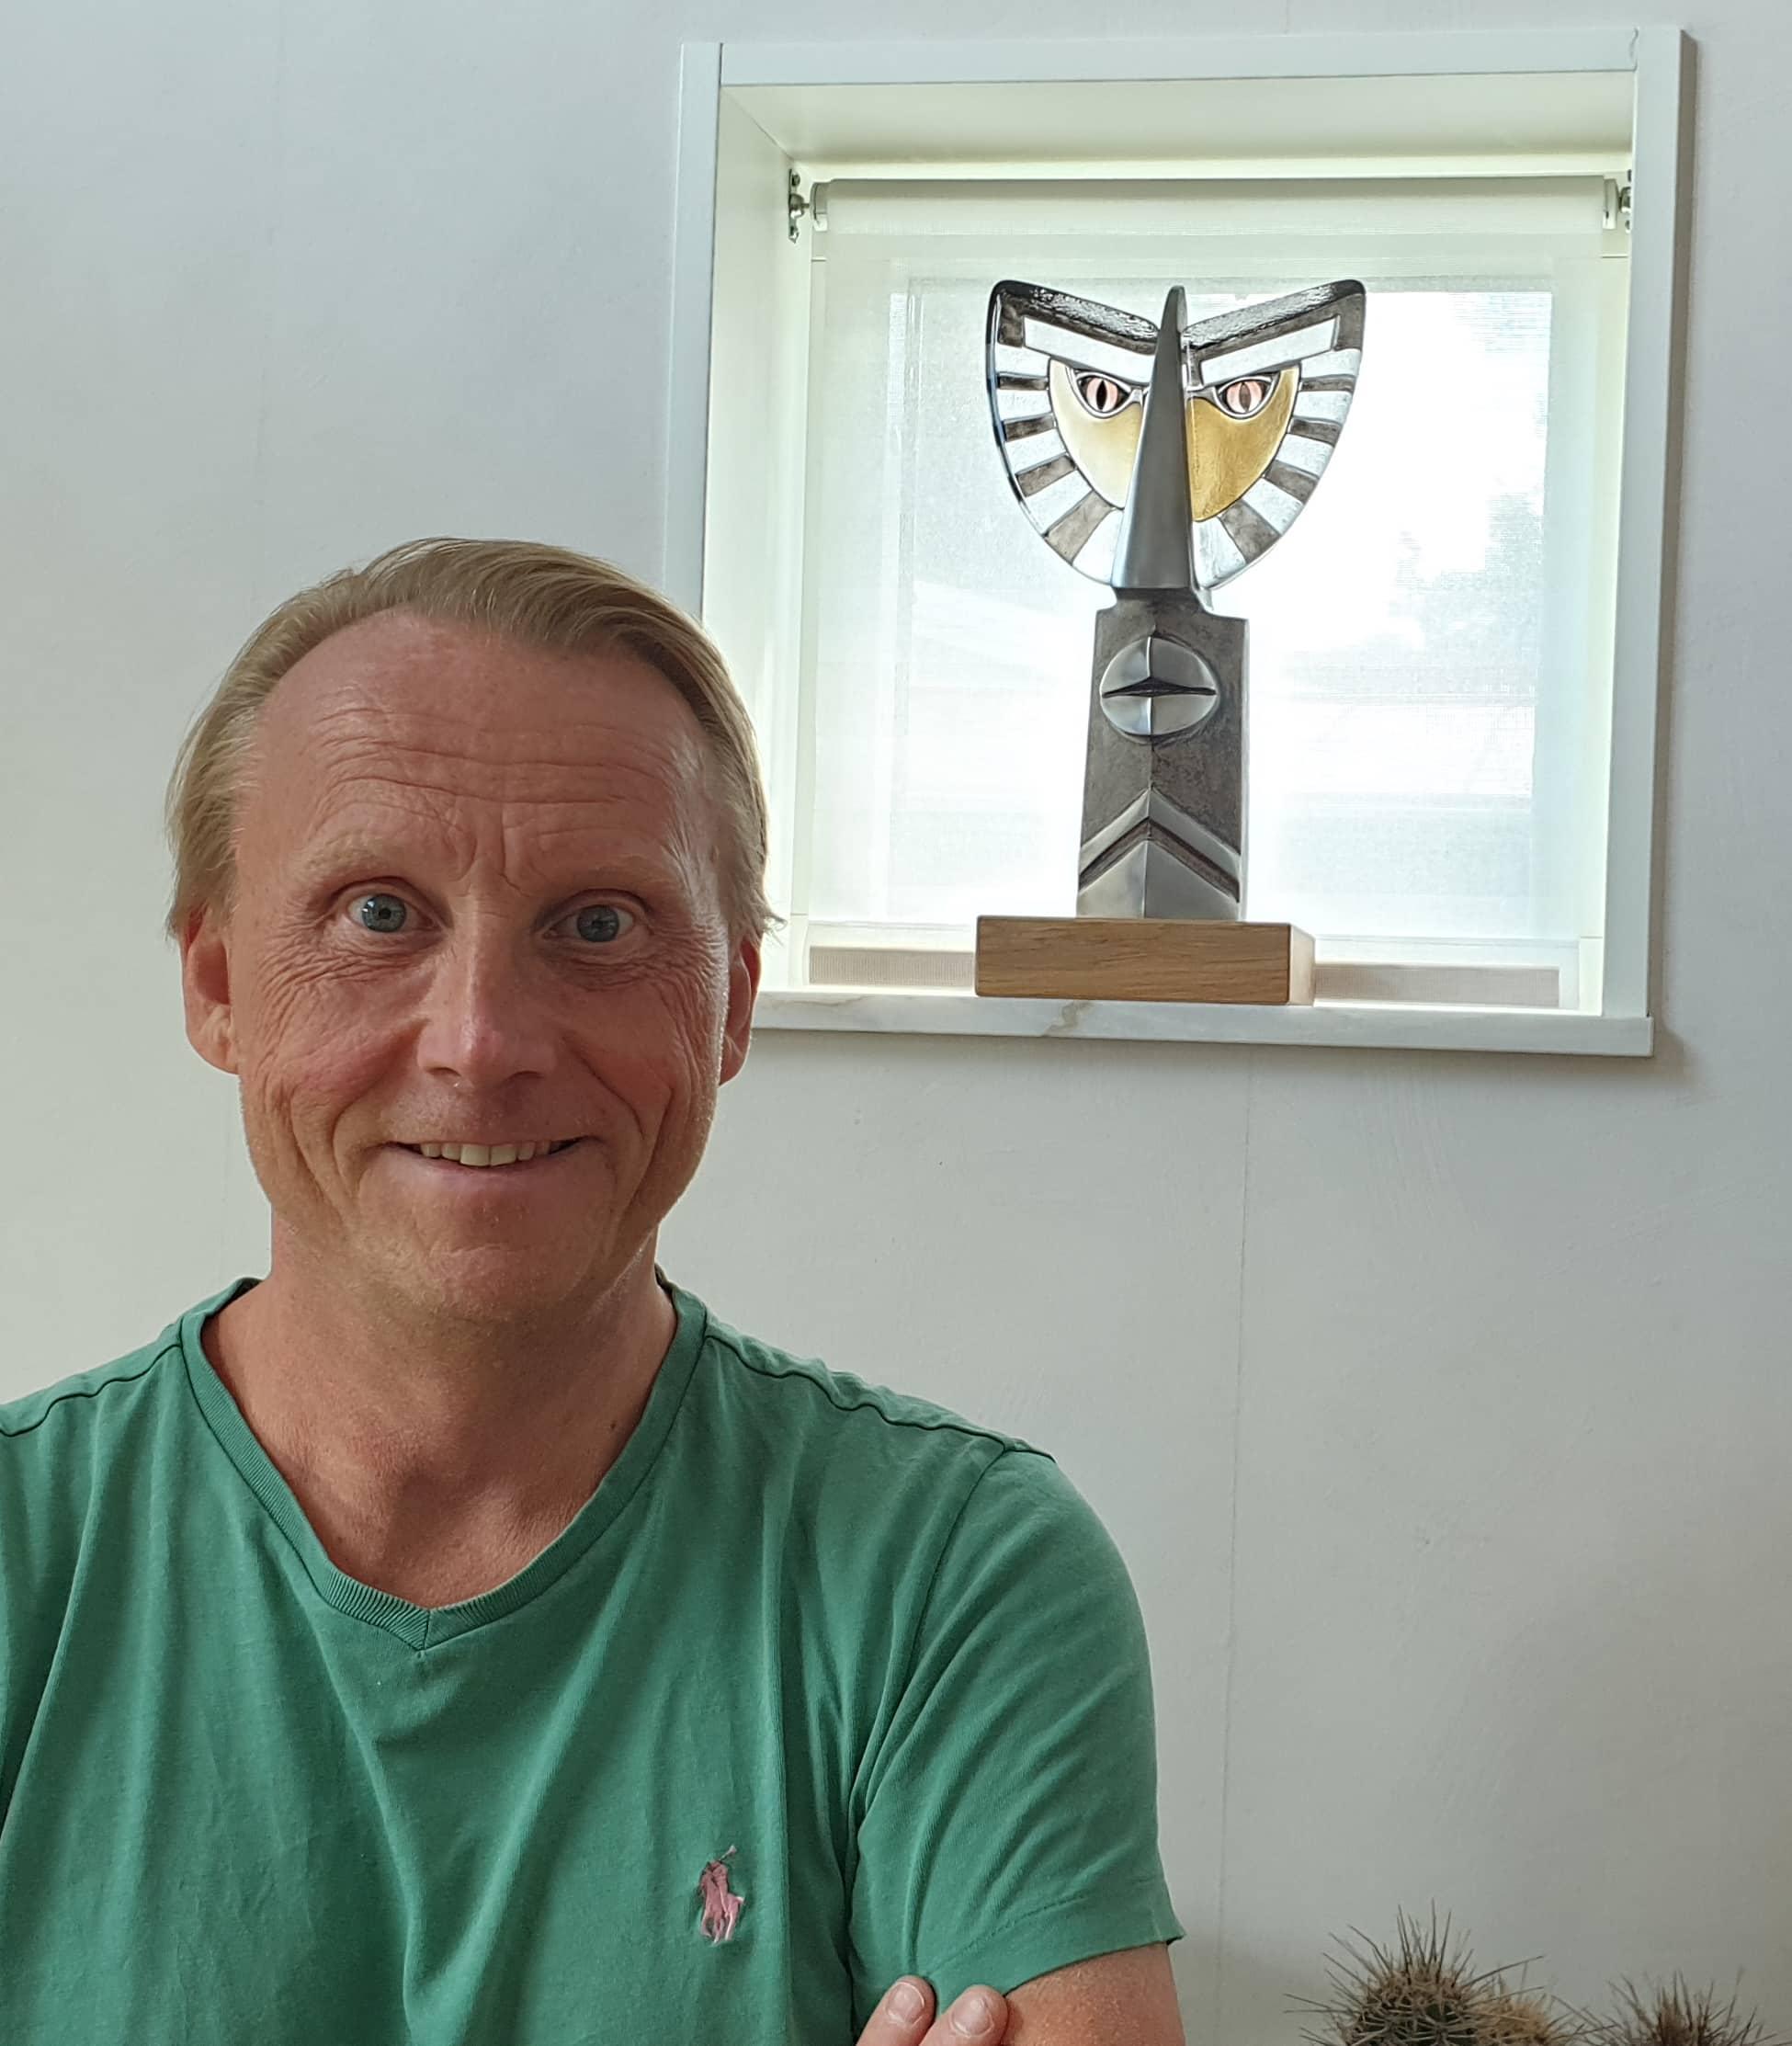 Stefan Hasselgren